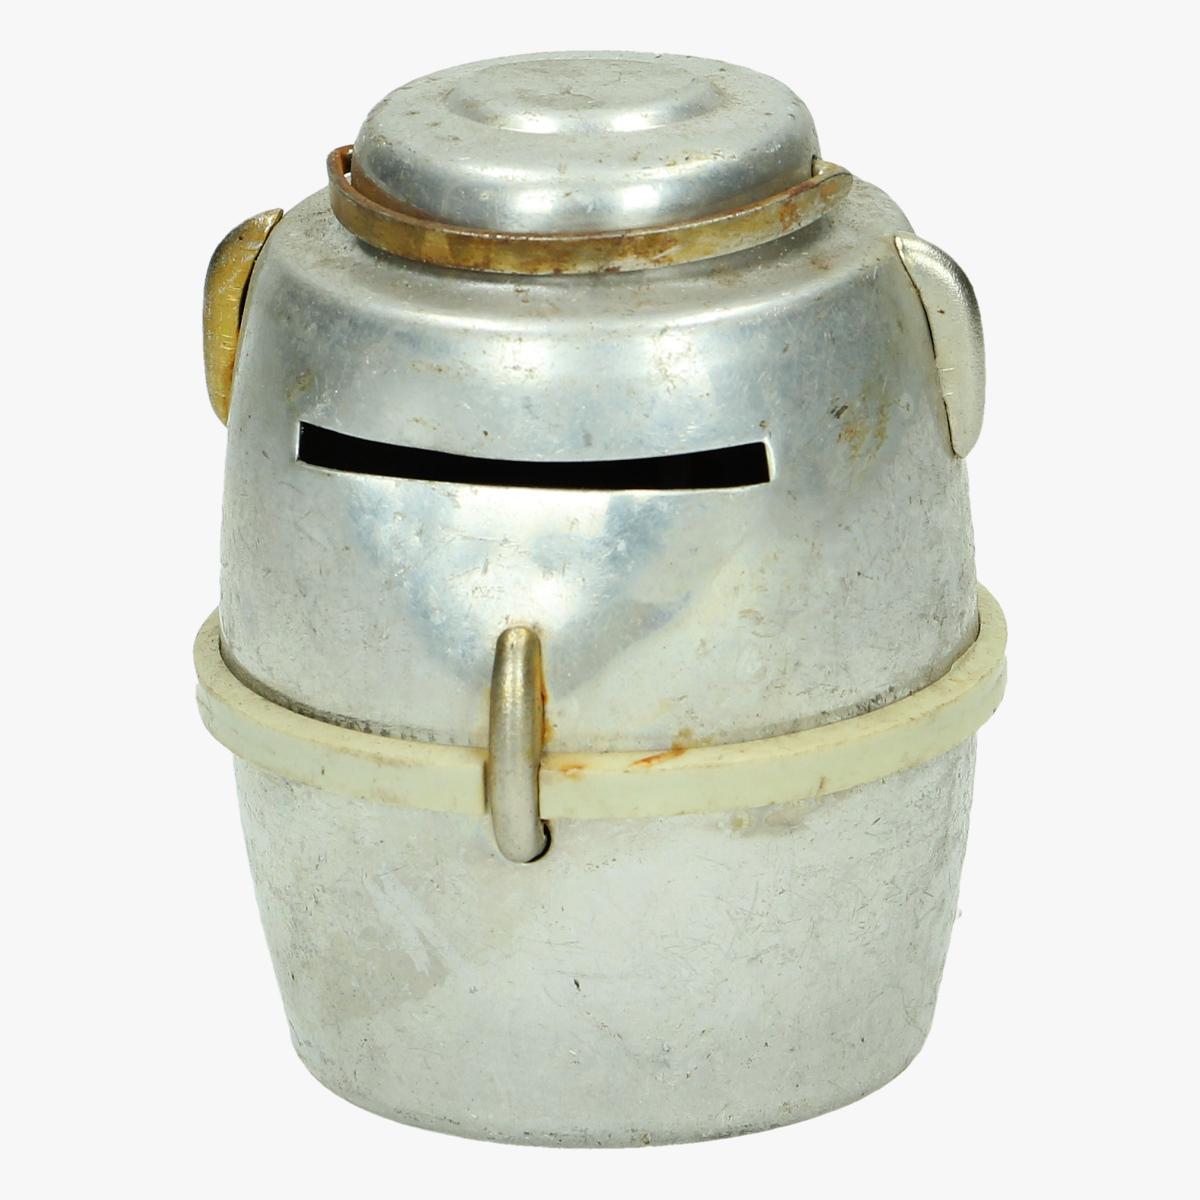 Afbeeldingen van spaarpot stofzuiger nilfisk